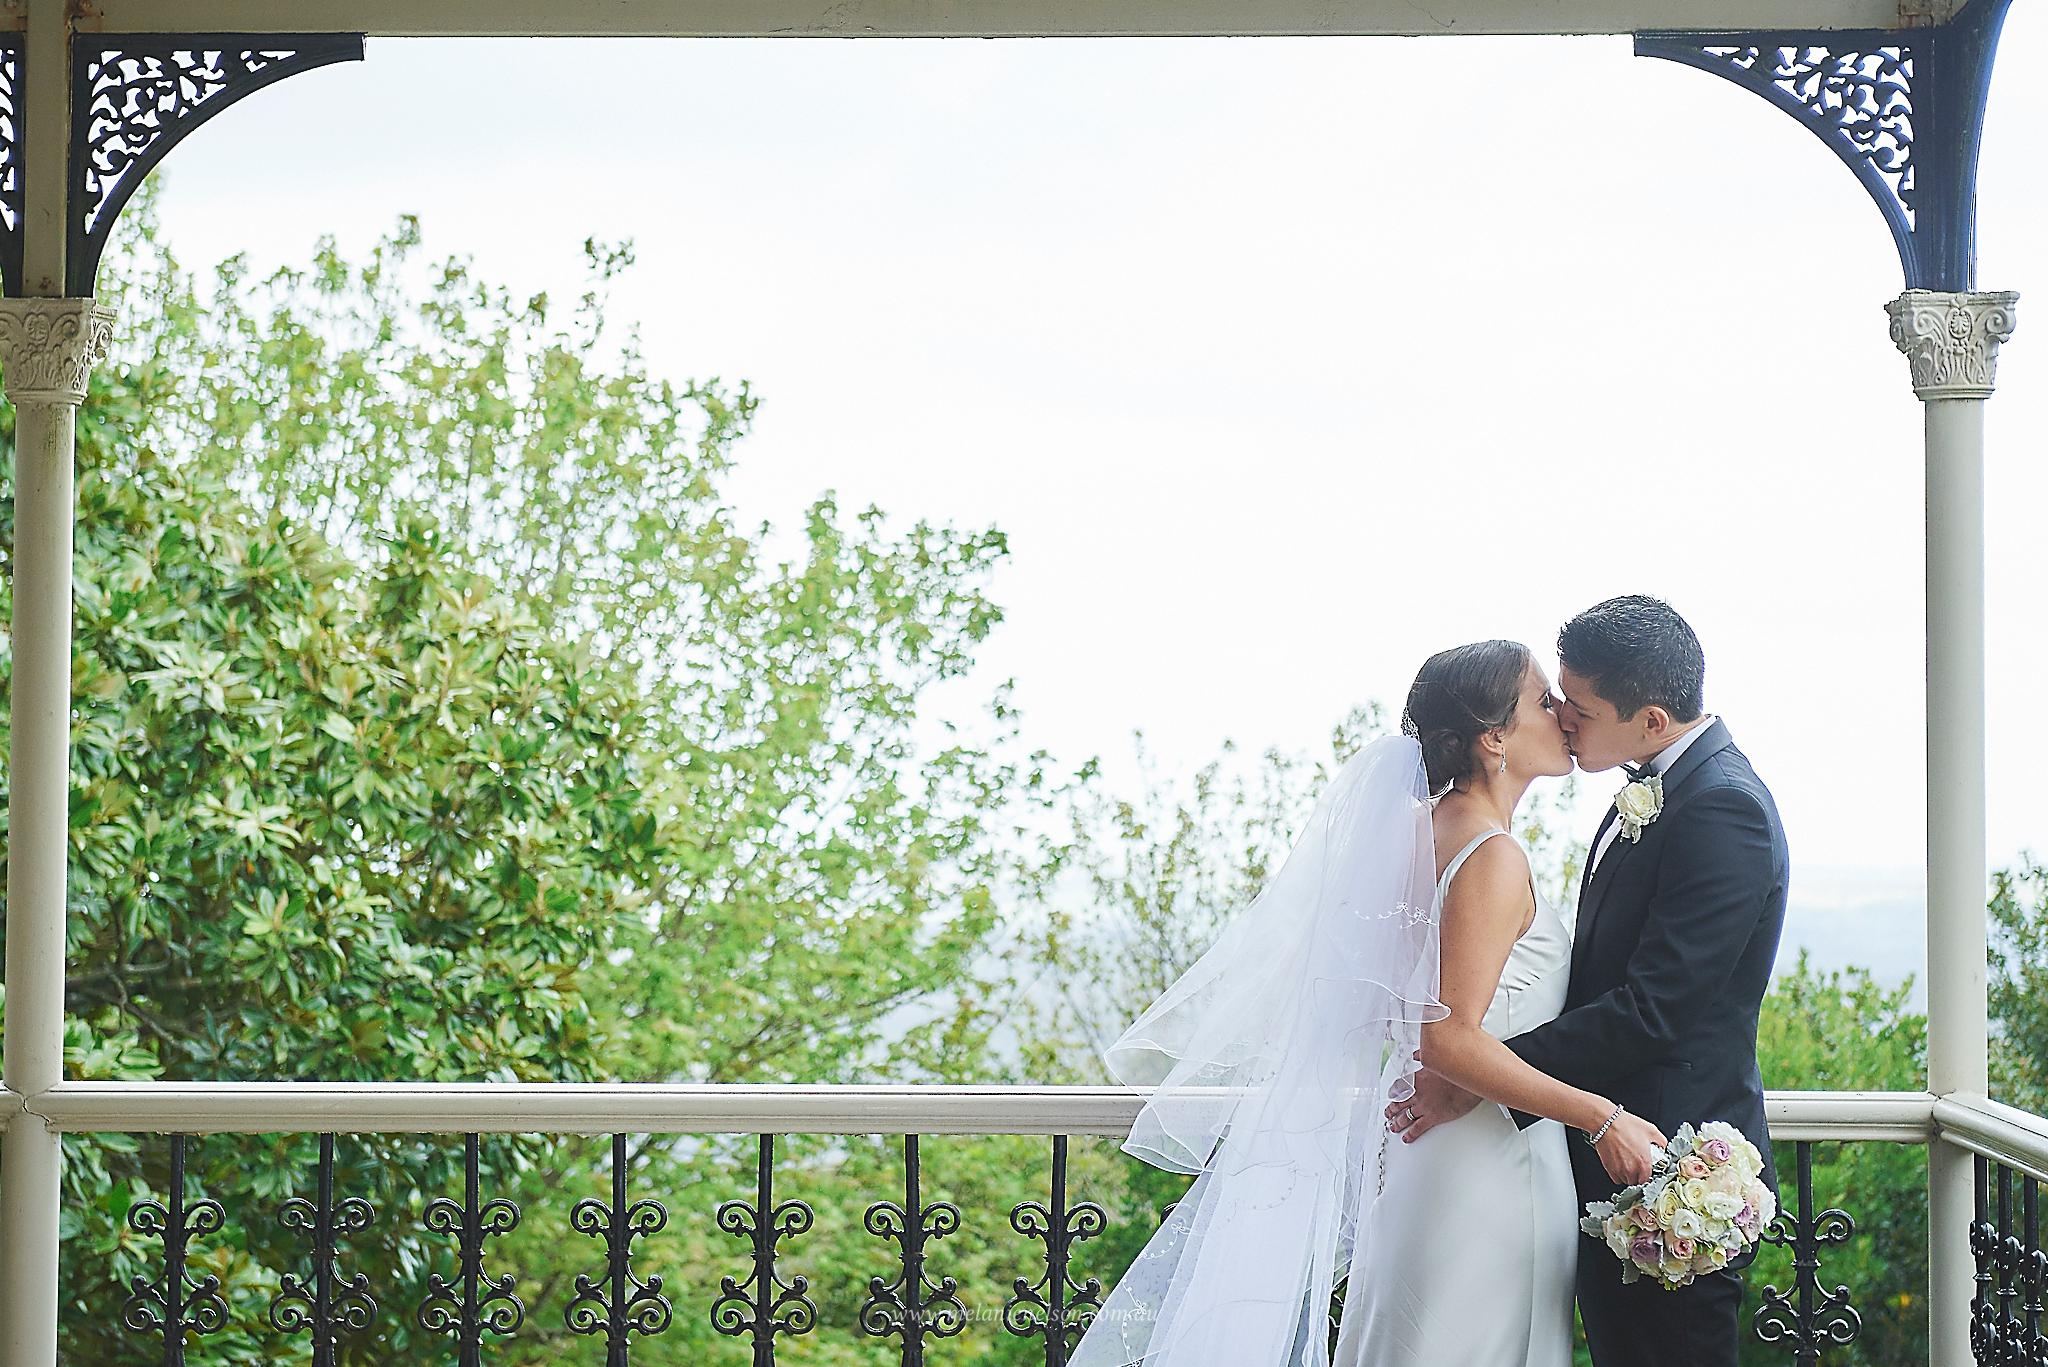 adelaide_hills_wedding_photography_0003.jpg